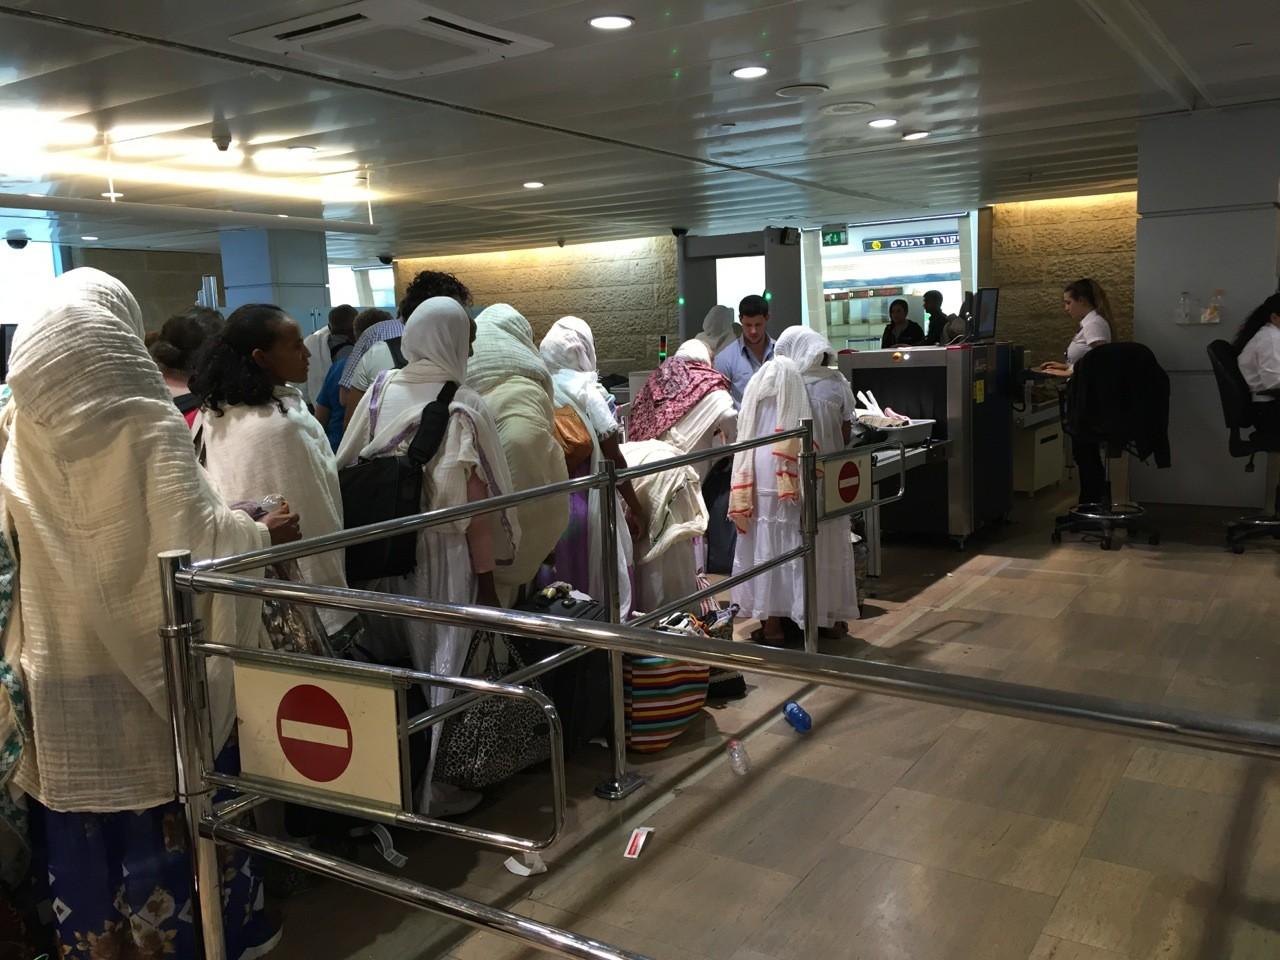 C'est le retour… et nous retrouvons les éthiopiennes qui s'envolent vers Addis-Abeba